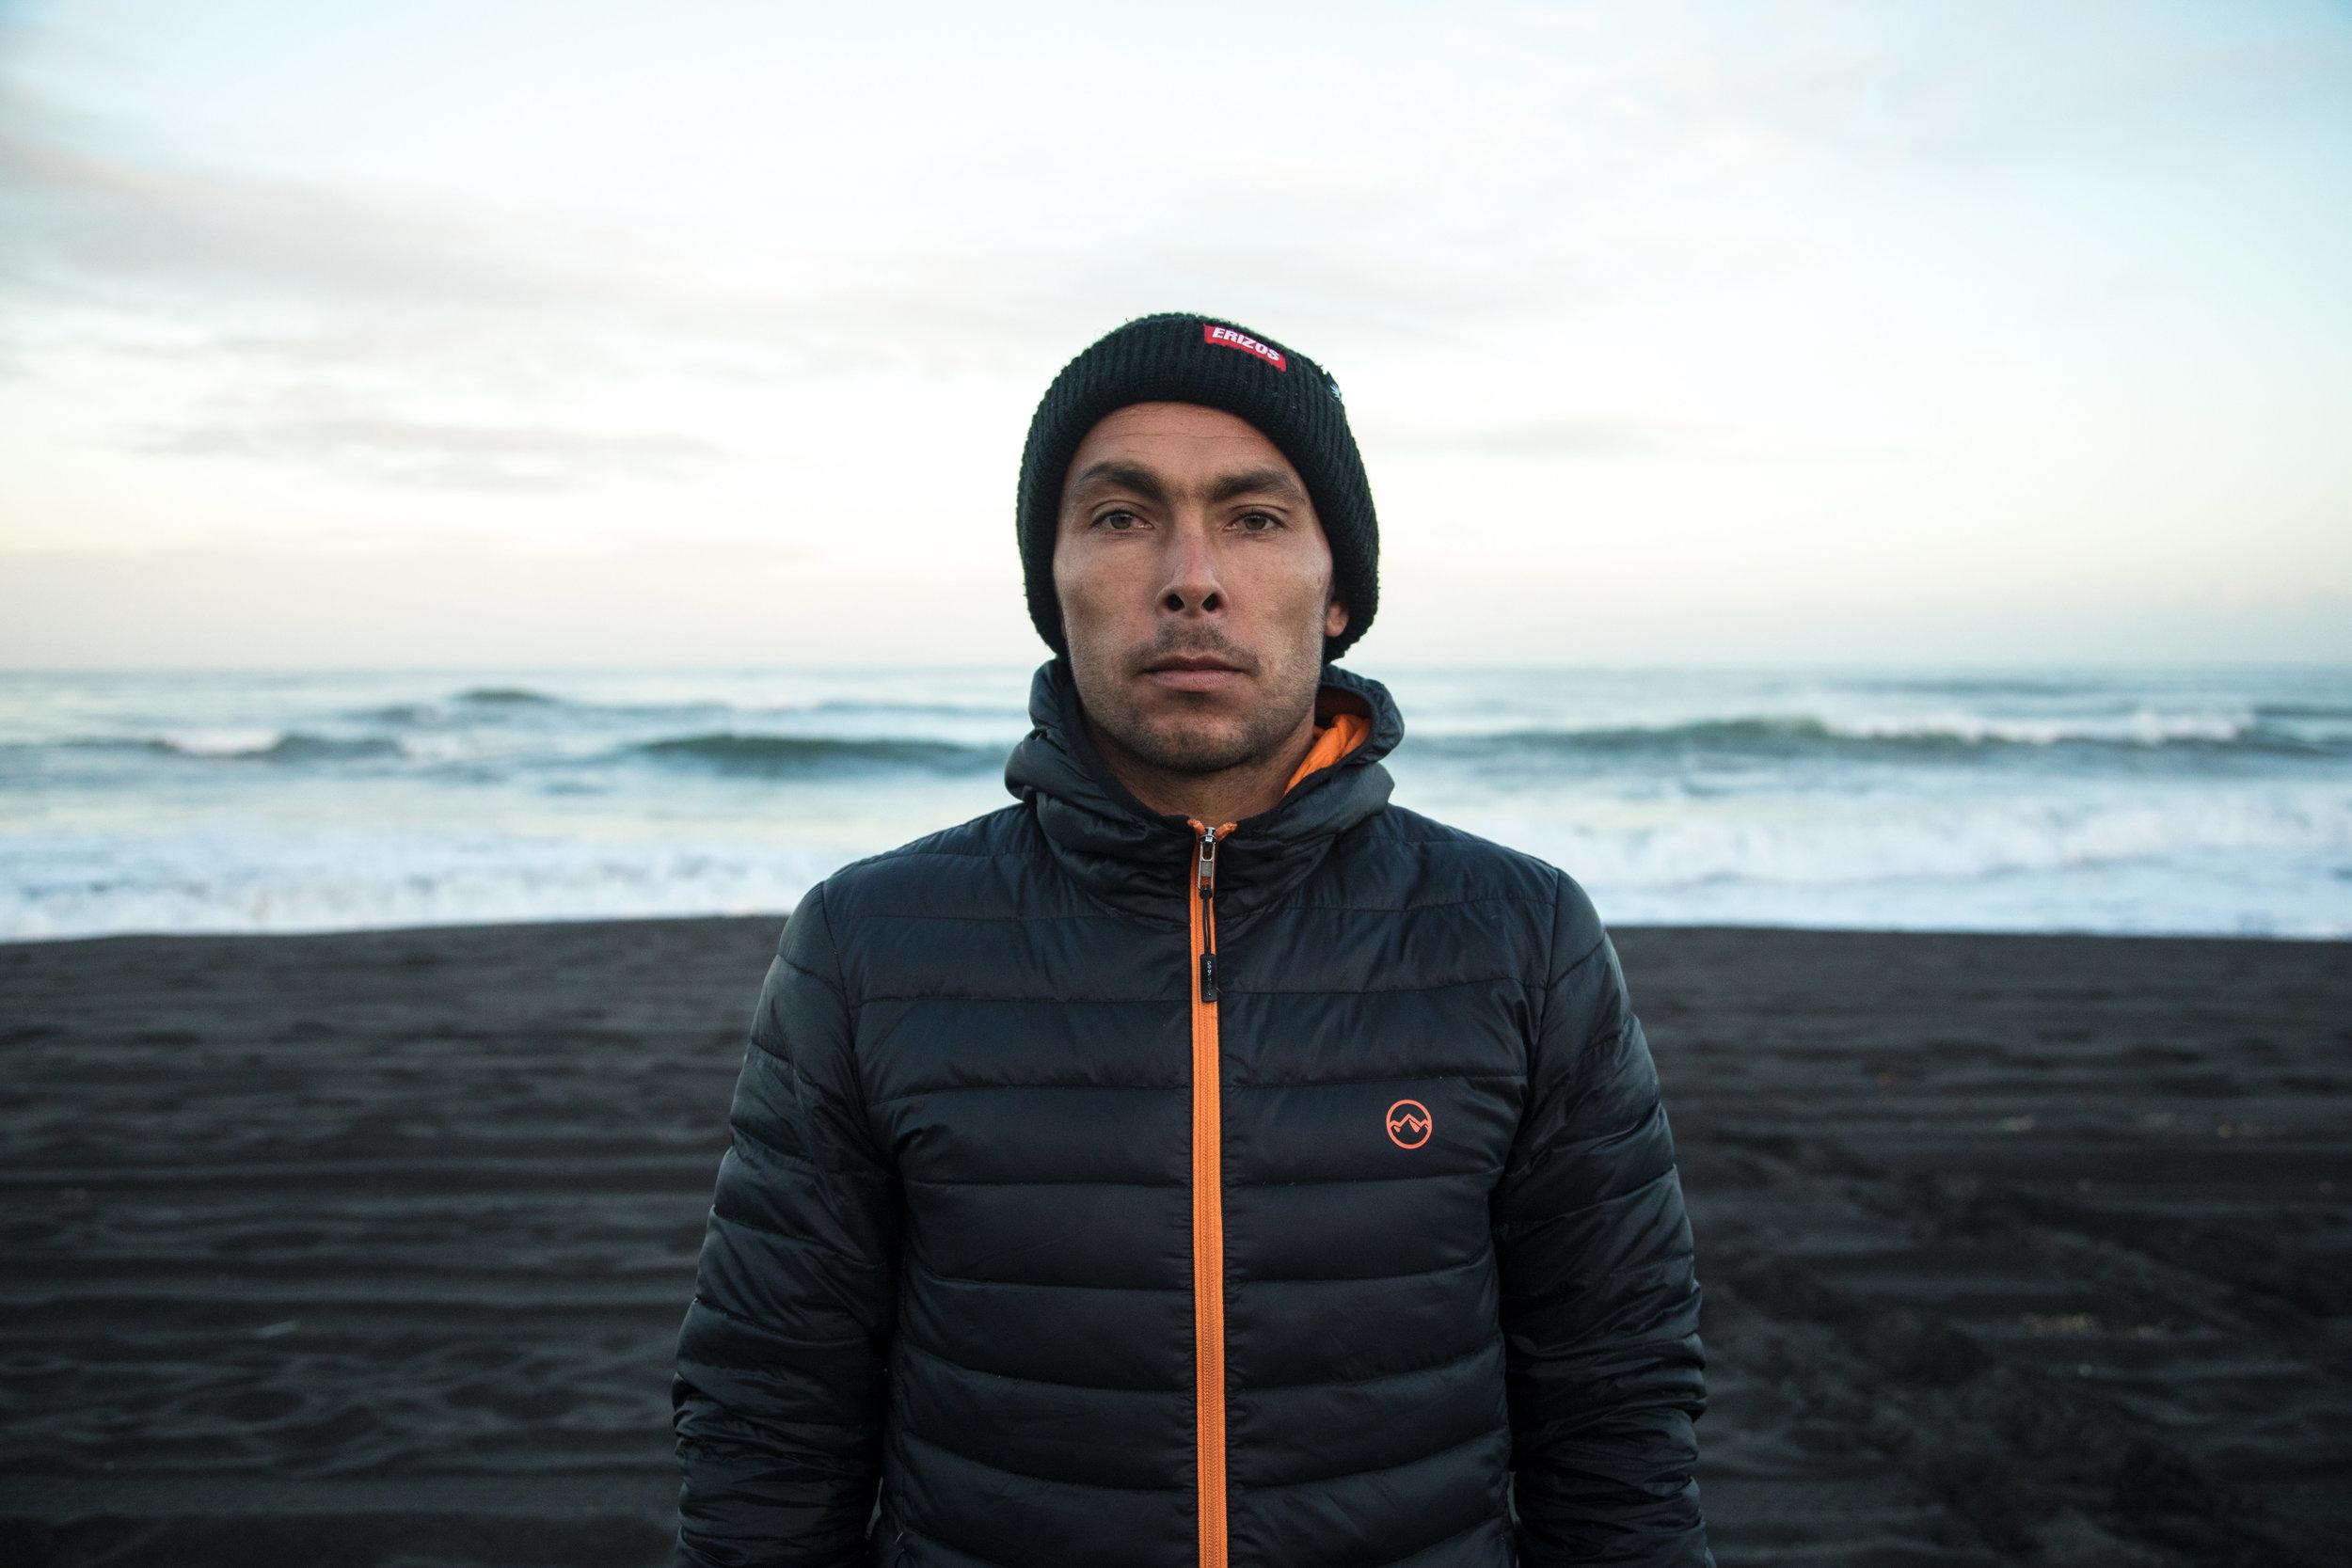 Alan Munoz_3. Photo by Pablo Jiménez